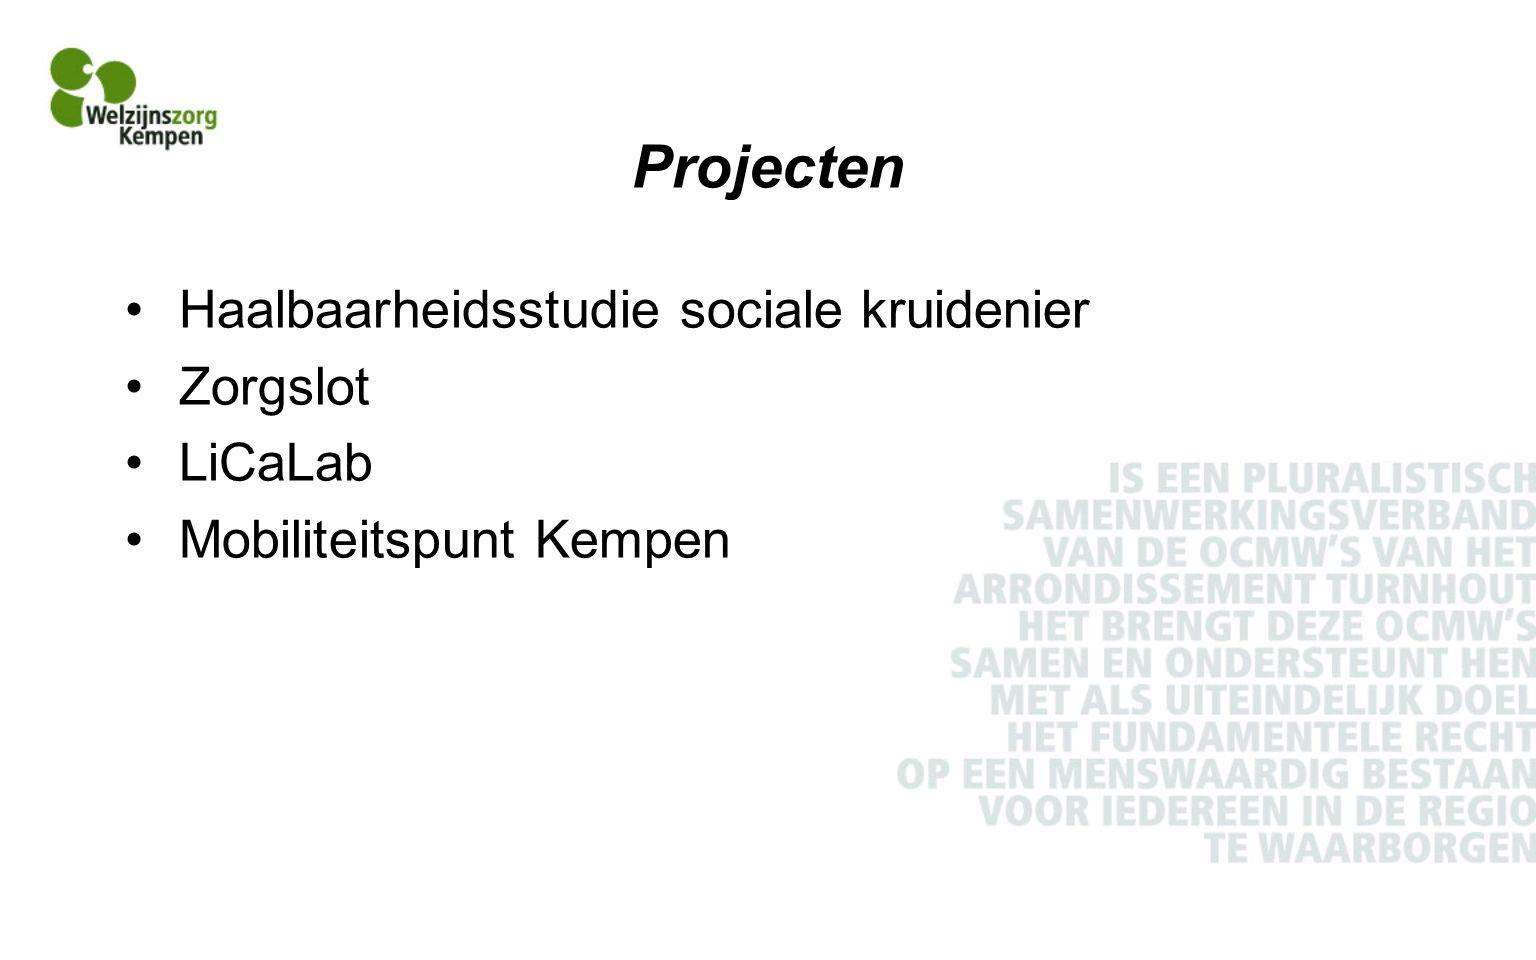 Projecten Haalbaarheidsstudie sociale kruidenier Zorgslot LiCaLab